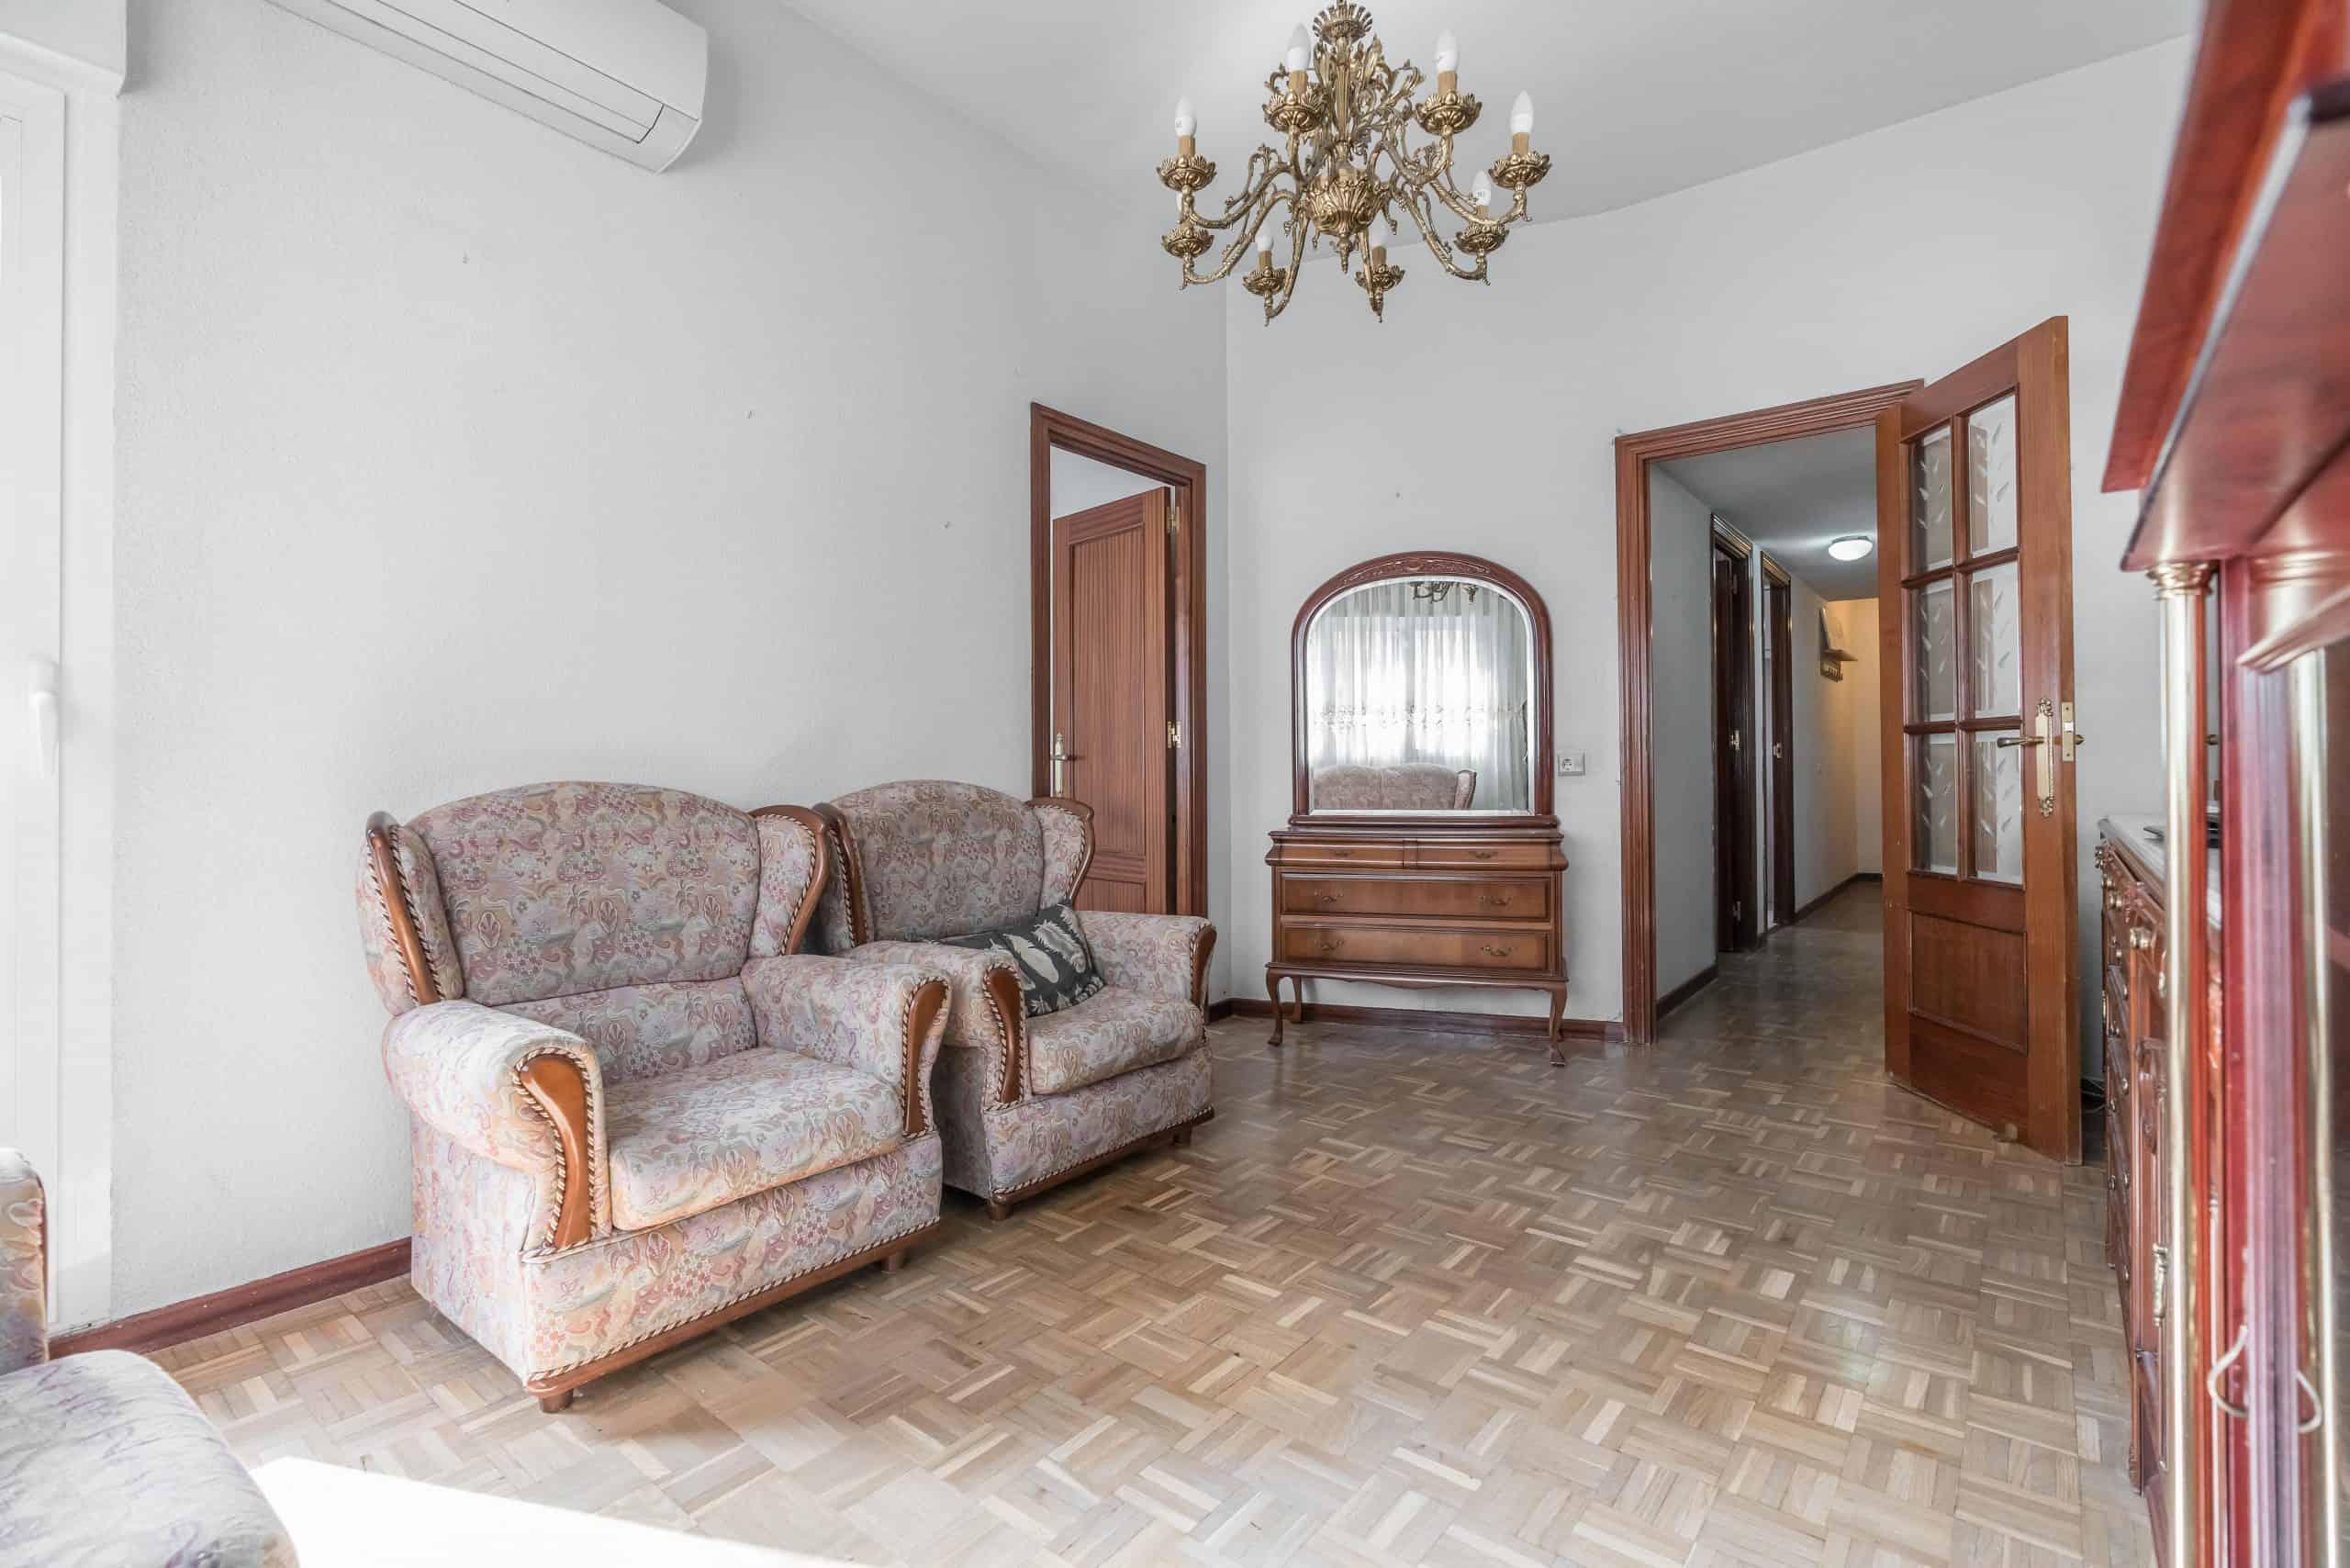 Agencia Inmobiliaria de Madrid-FUTUROCASA-Zona ARGANZUELA-LEGAZPI -calle Jaime Conquistador 48- salón 2